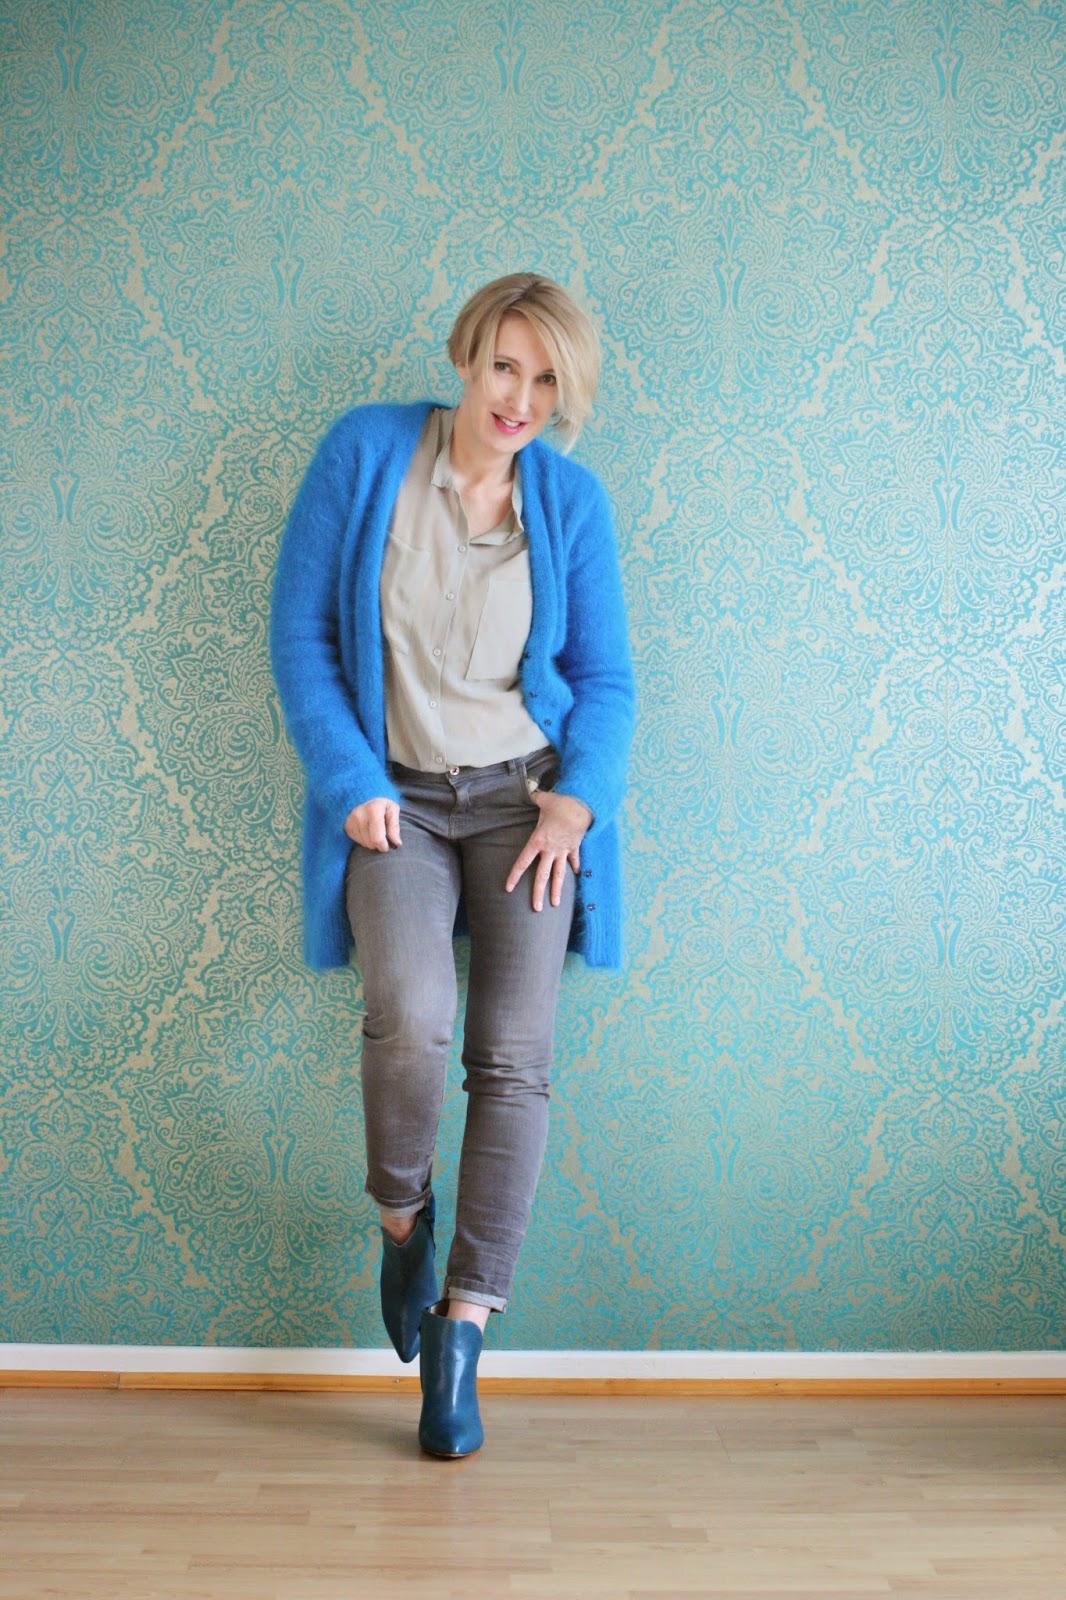 Beeindruckend Stiefeletten Kombinieren Referenz Von Cardigan + E: Dorothee Schumacher Jeans: Zara